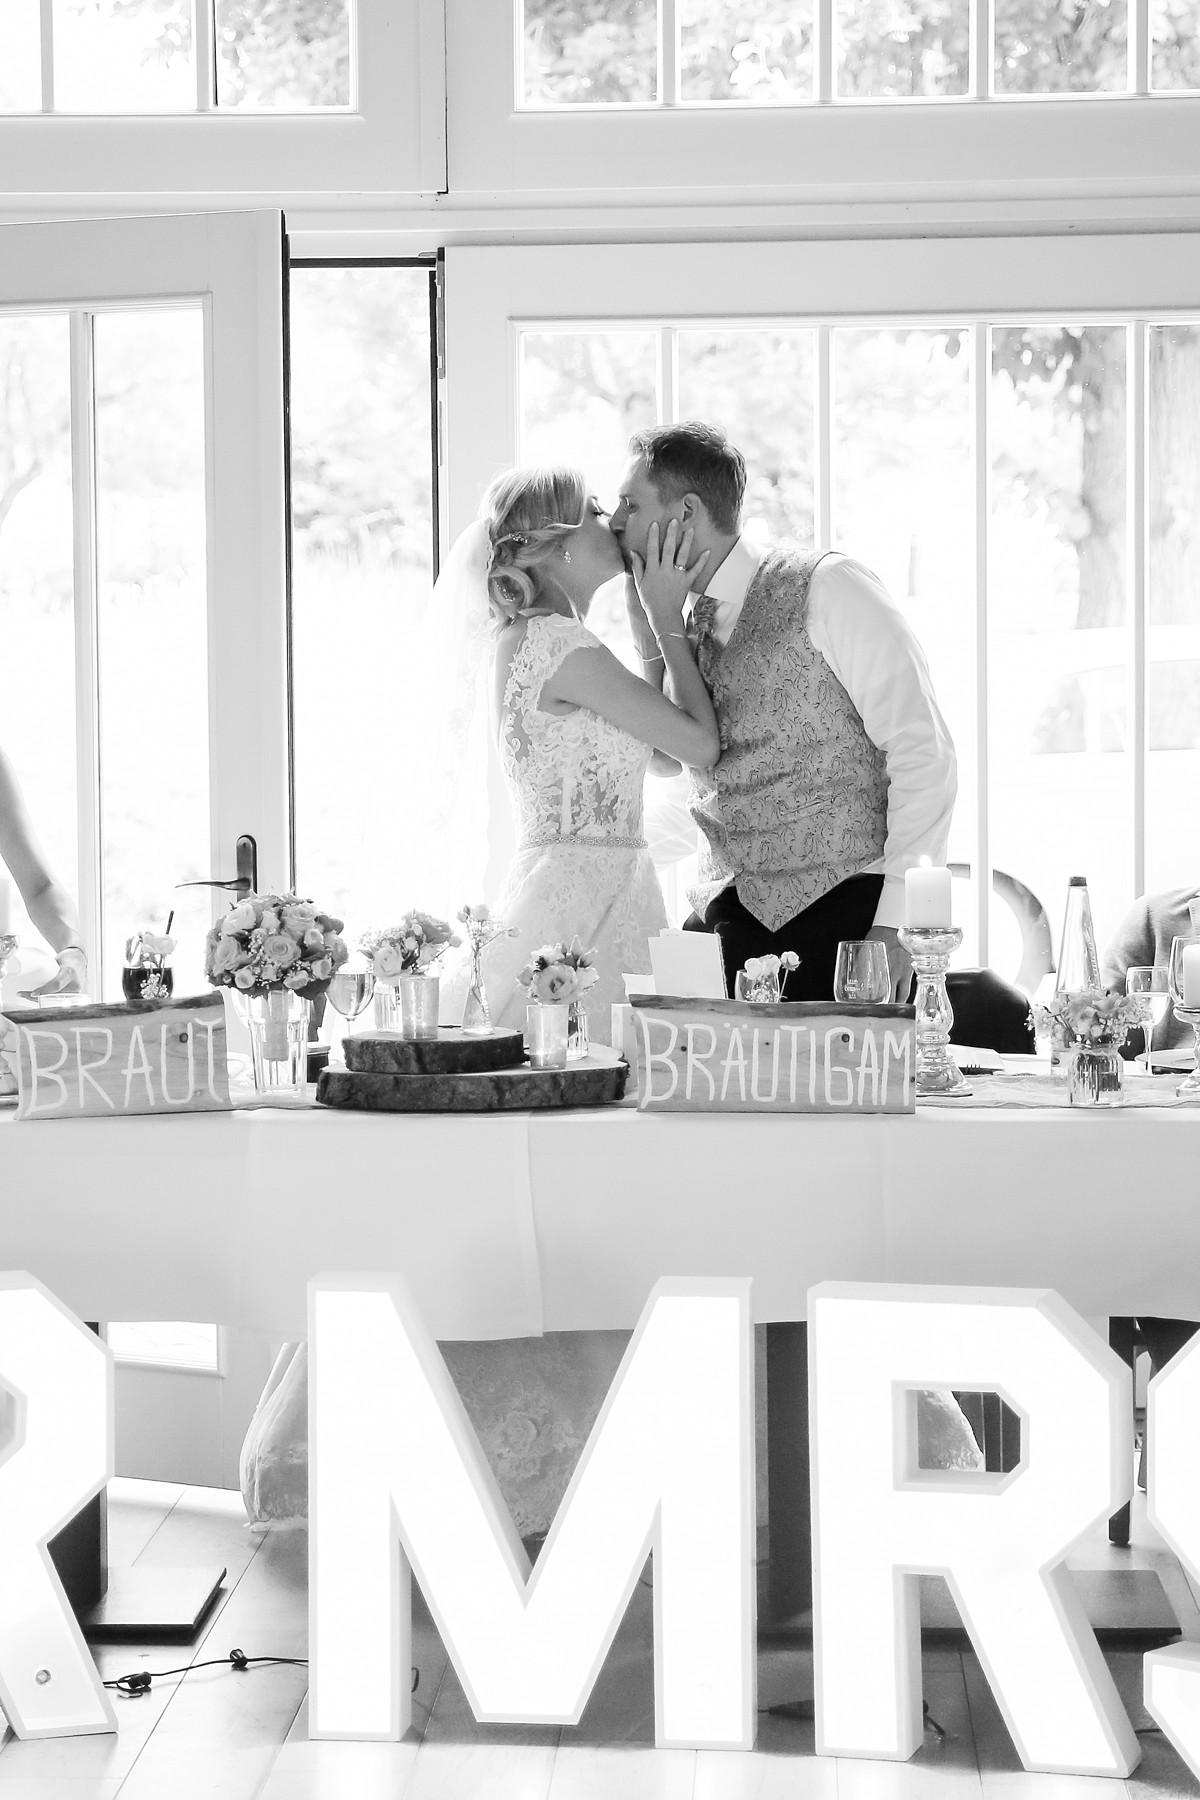 Hochzeitsfotograf-Herford-van-Laer-Fotograf-Hochzeit-Nrw_0095